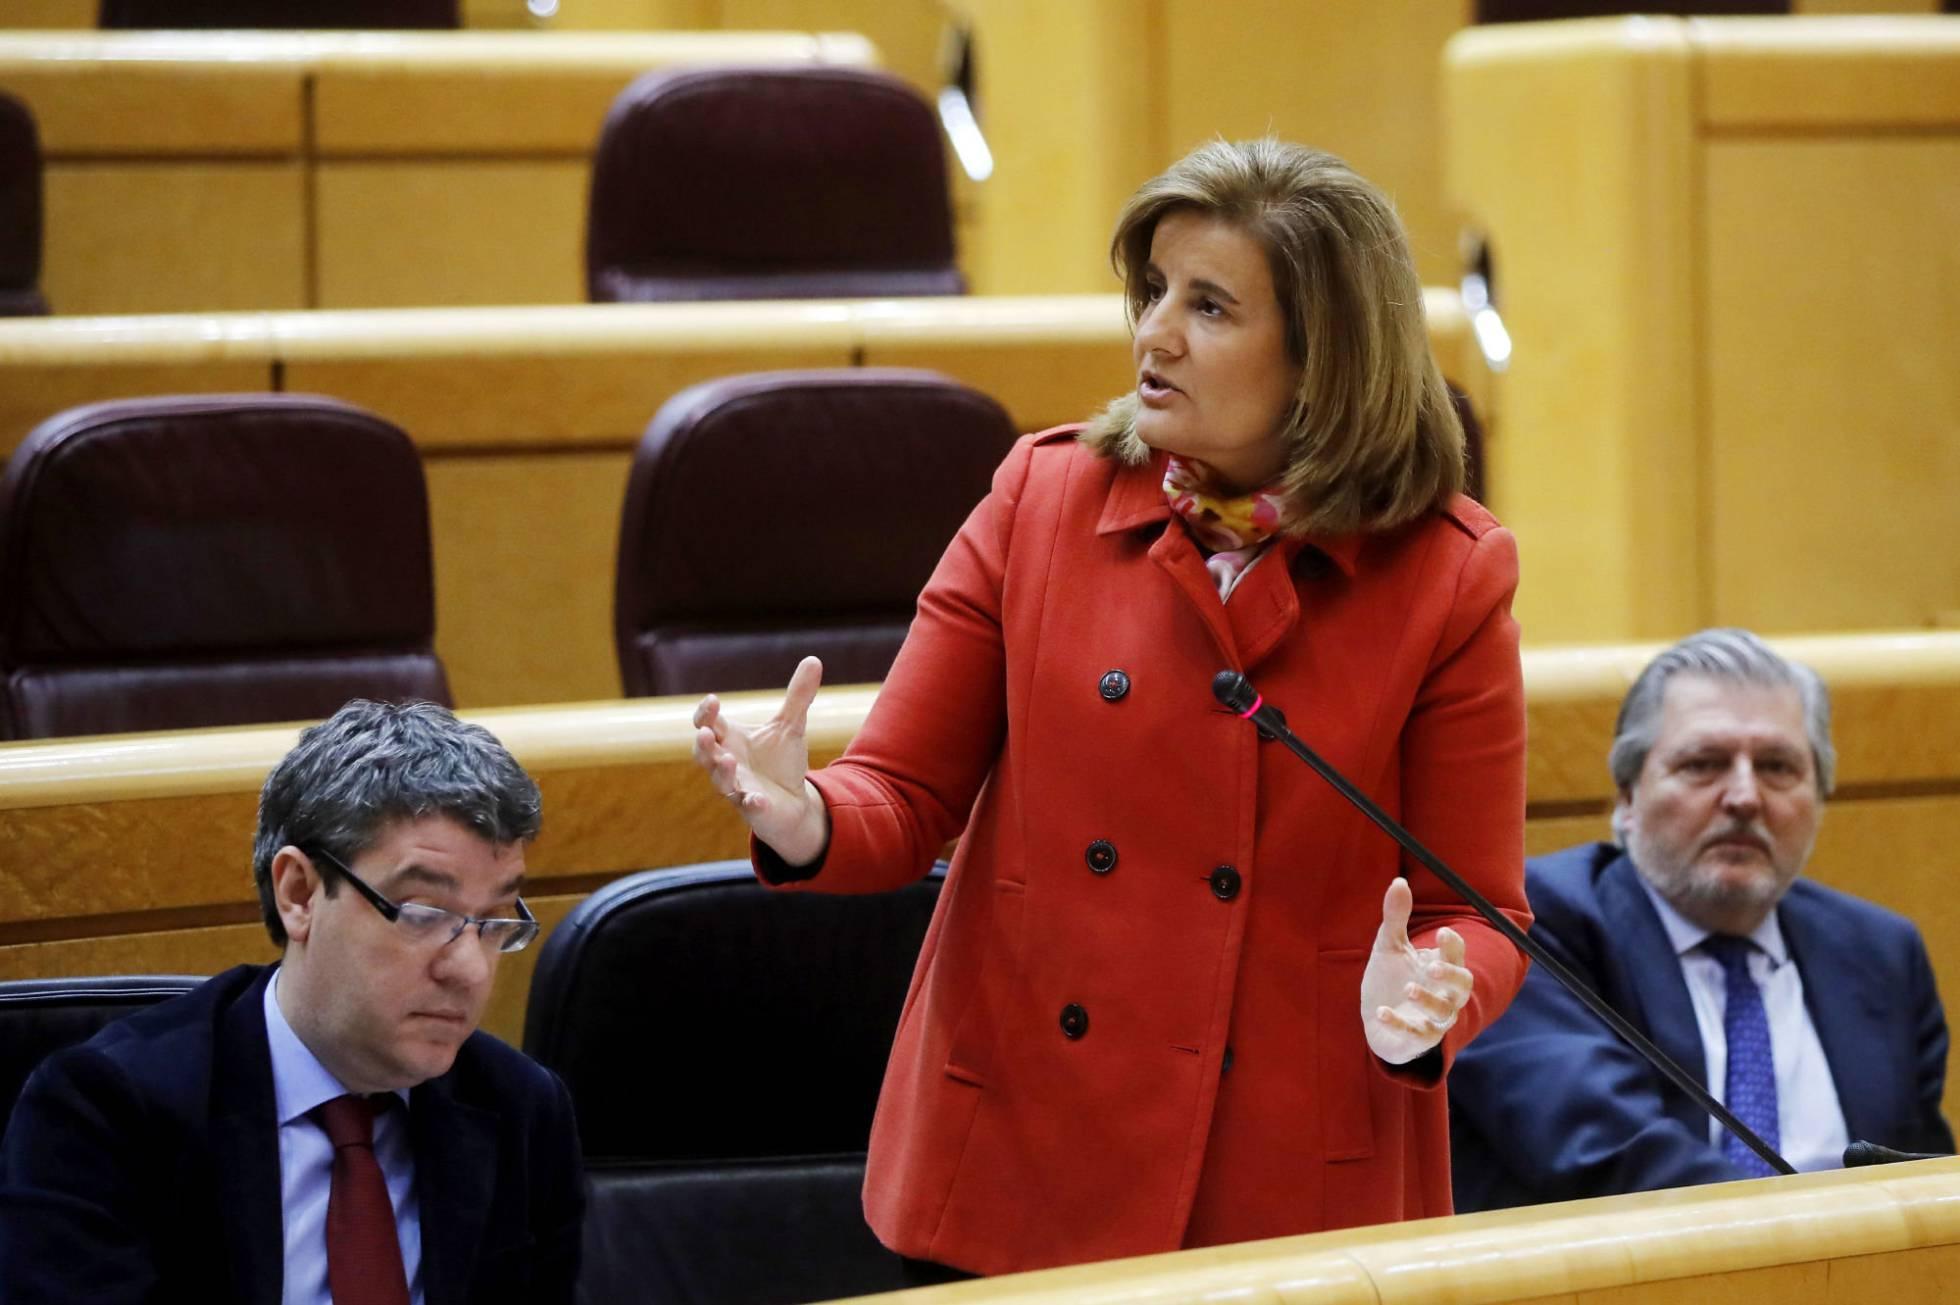 La ministra de Empleo y Seguridad Social, Fátima Báñez JUAN CARLOS HIDALGO EFE